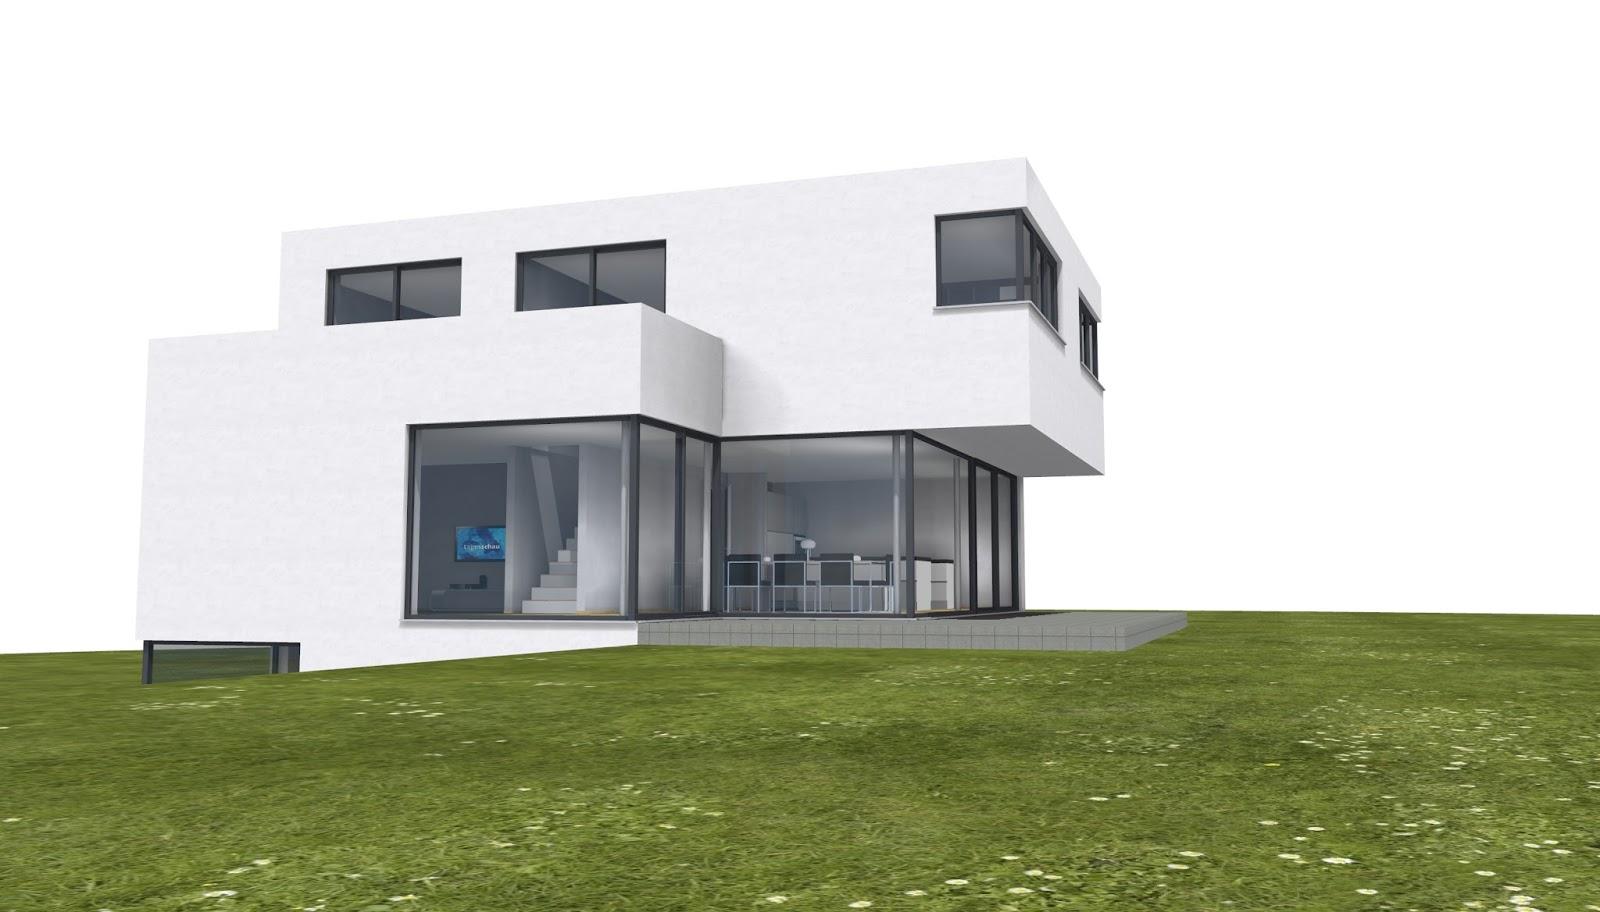 Architekt einfamilienhaus im bauhausstil 2p raum - Architekt bauhausstil ...